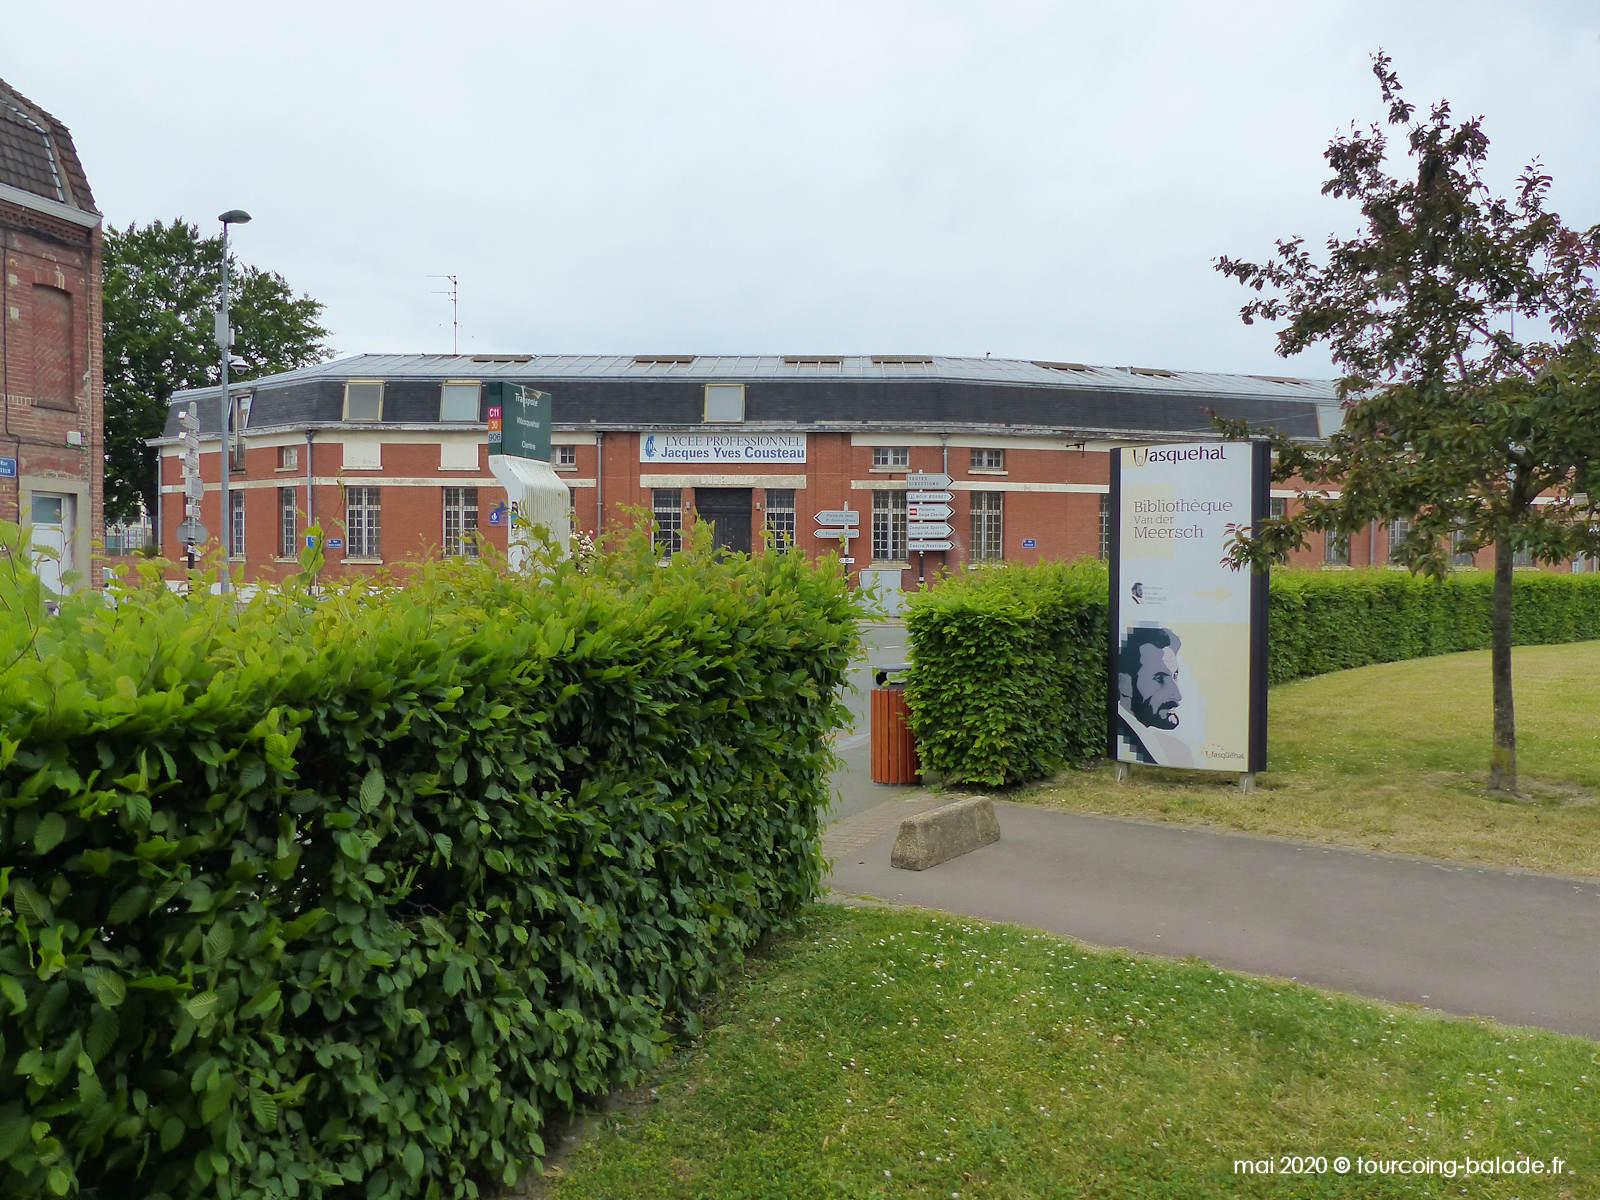 Lycée Jacques-Yves Cousteau, Wasquehal 2020